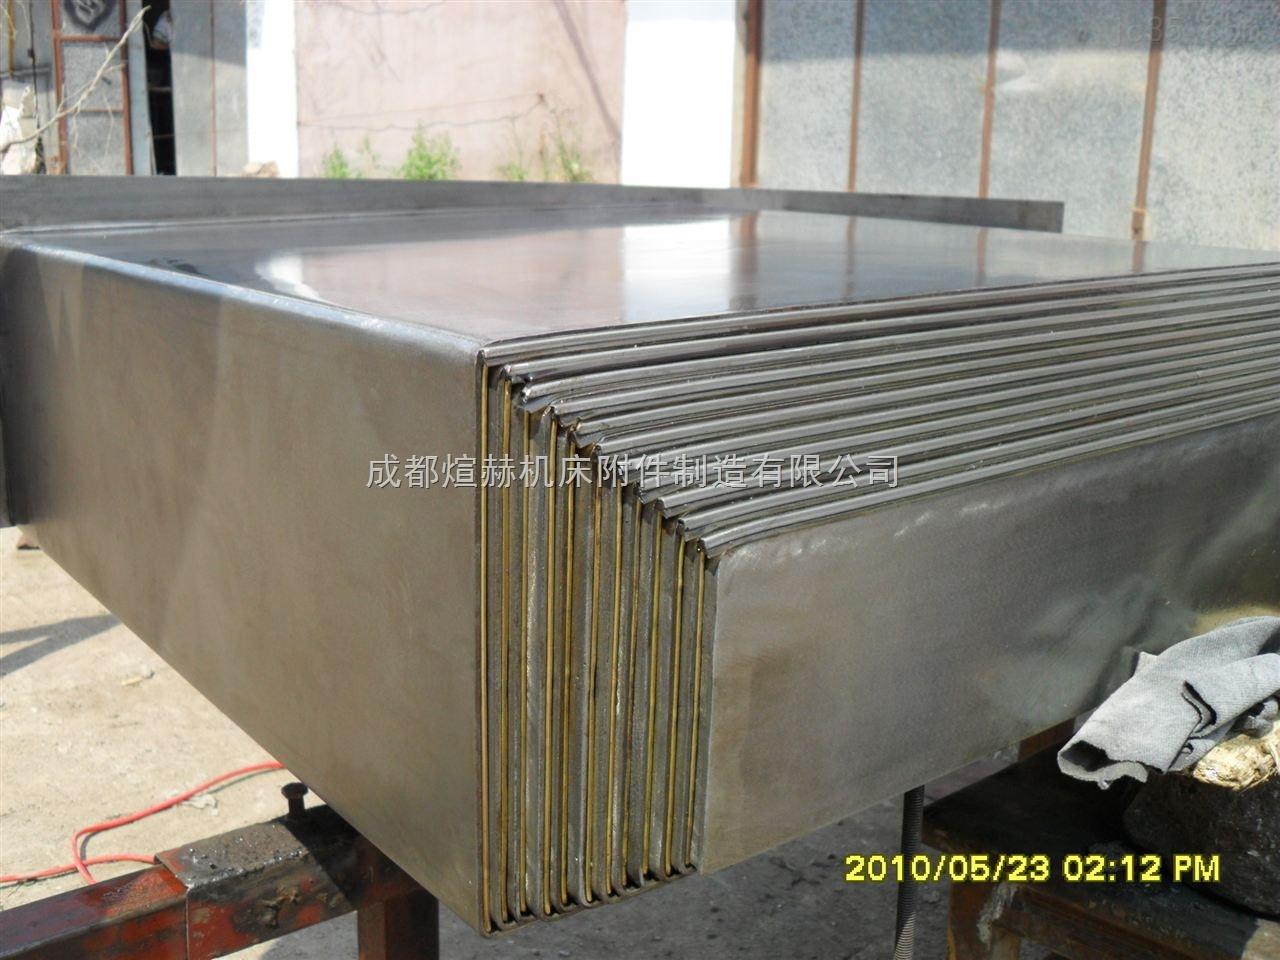 耐磨型不锈钢板导轨防护罩产品图片